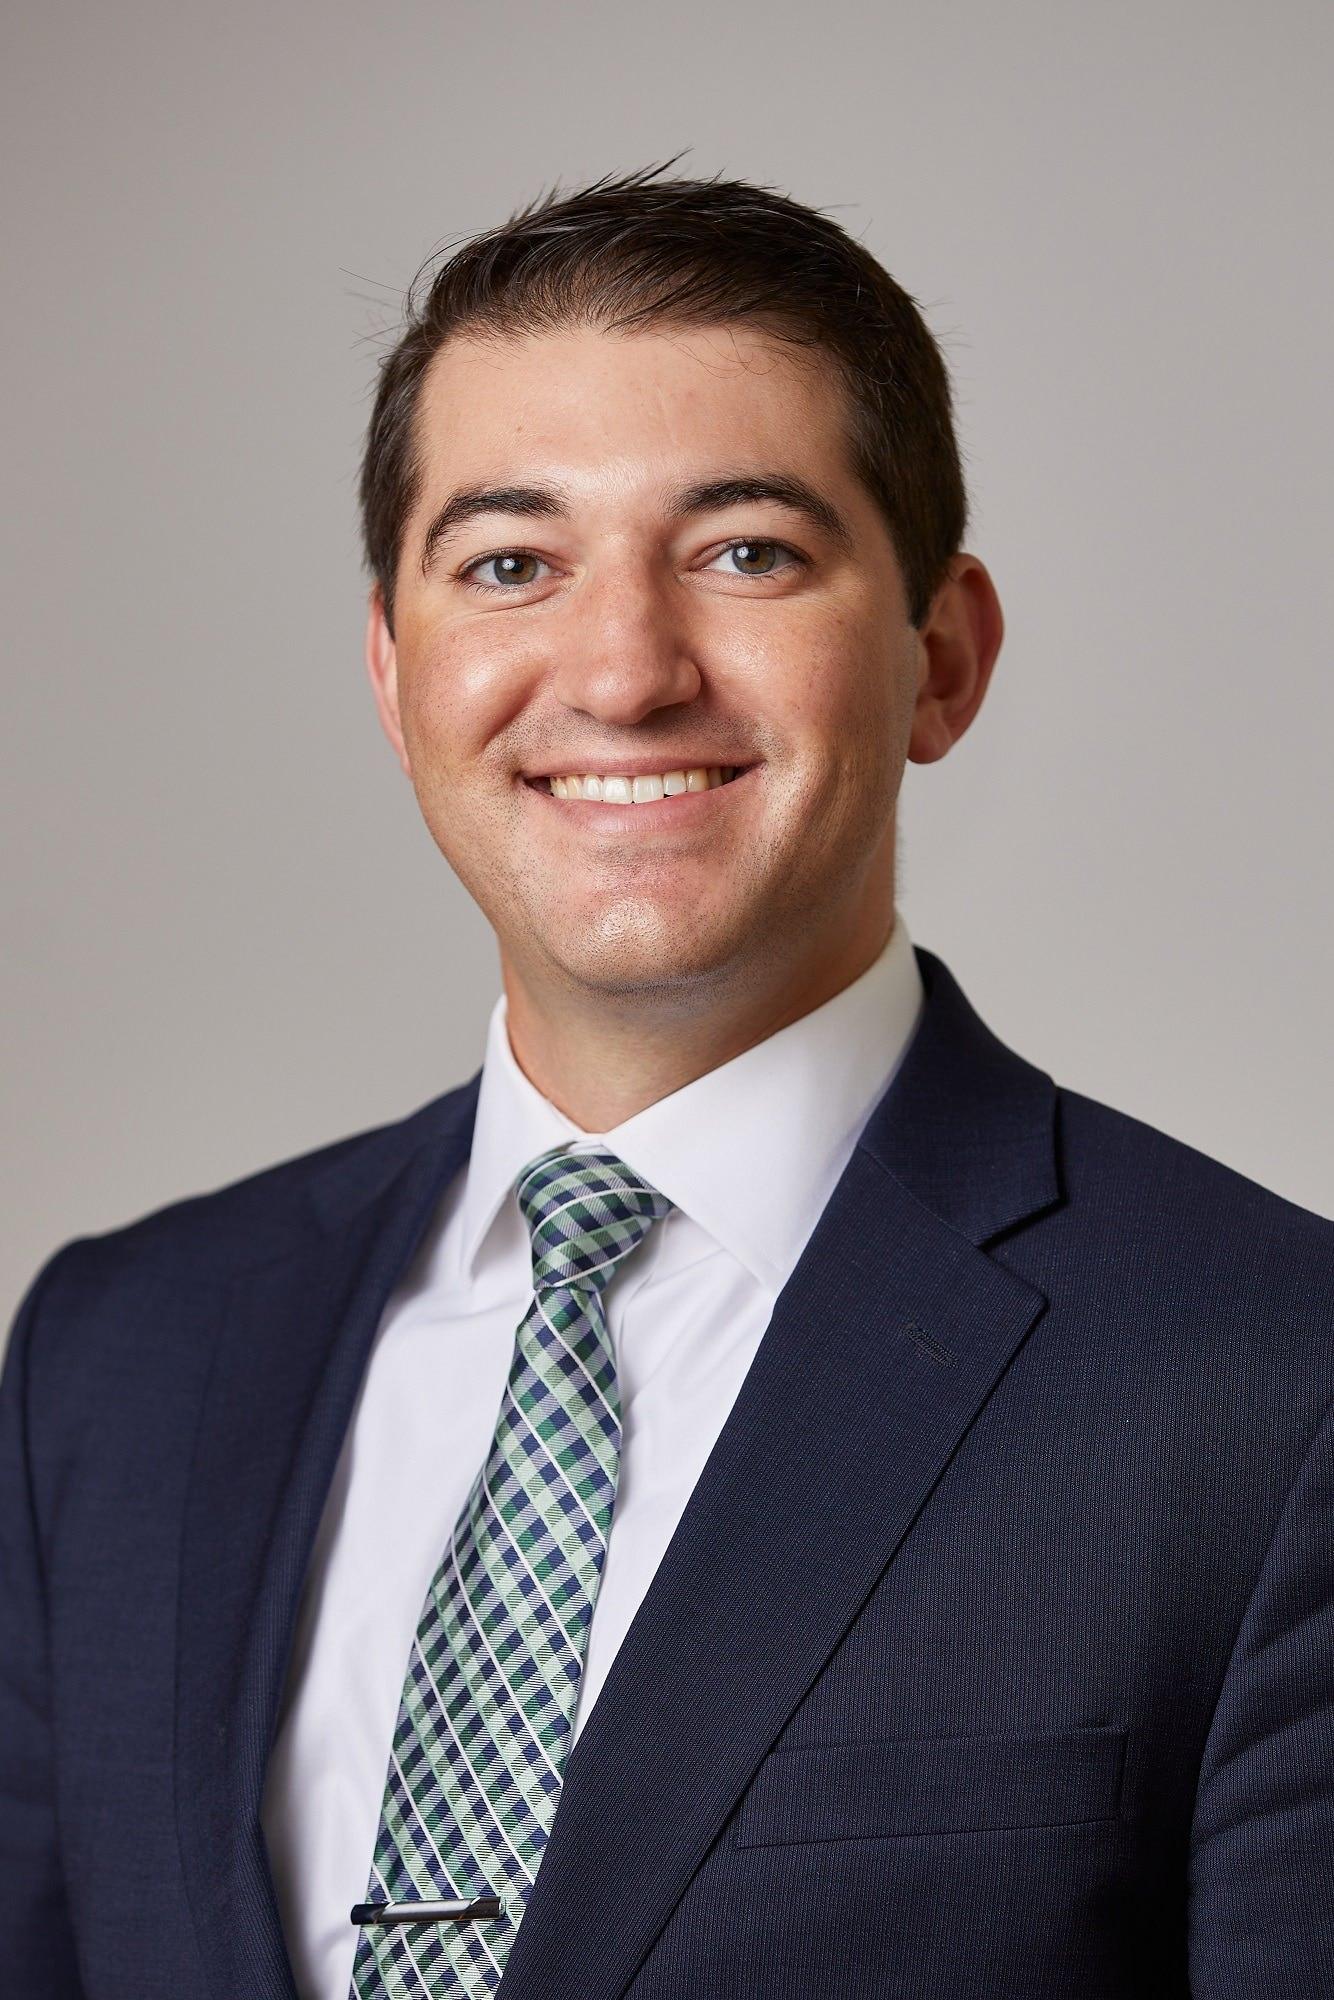 Andrew K. Landman